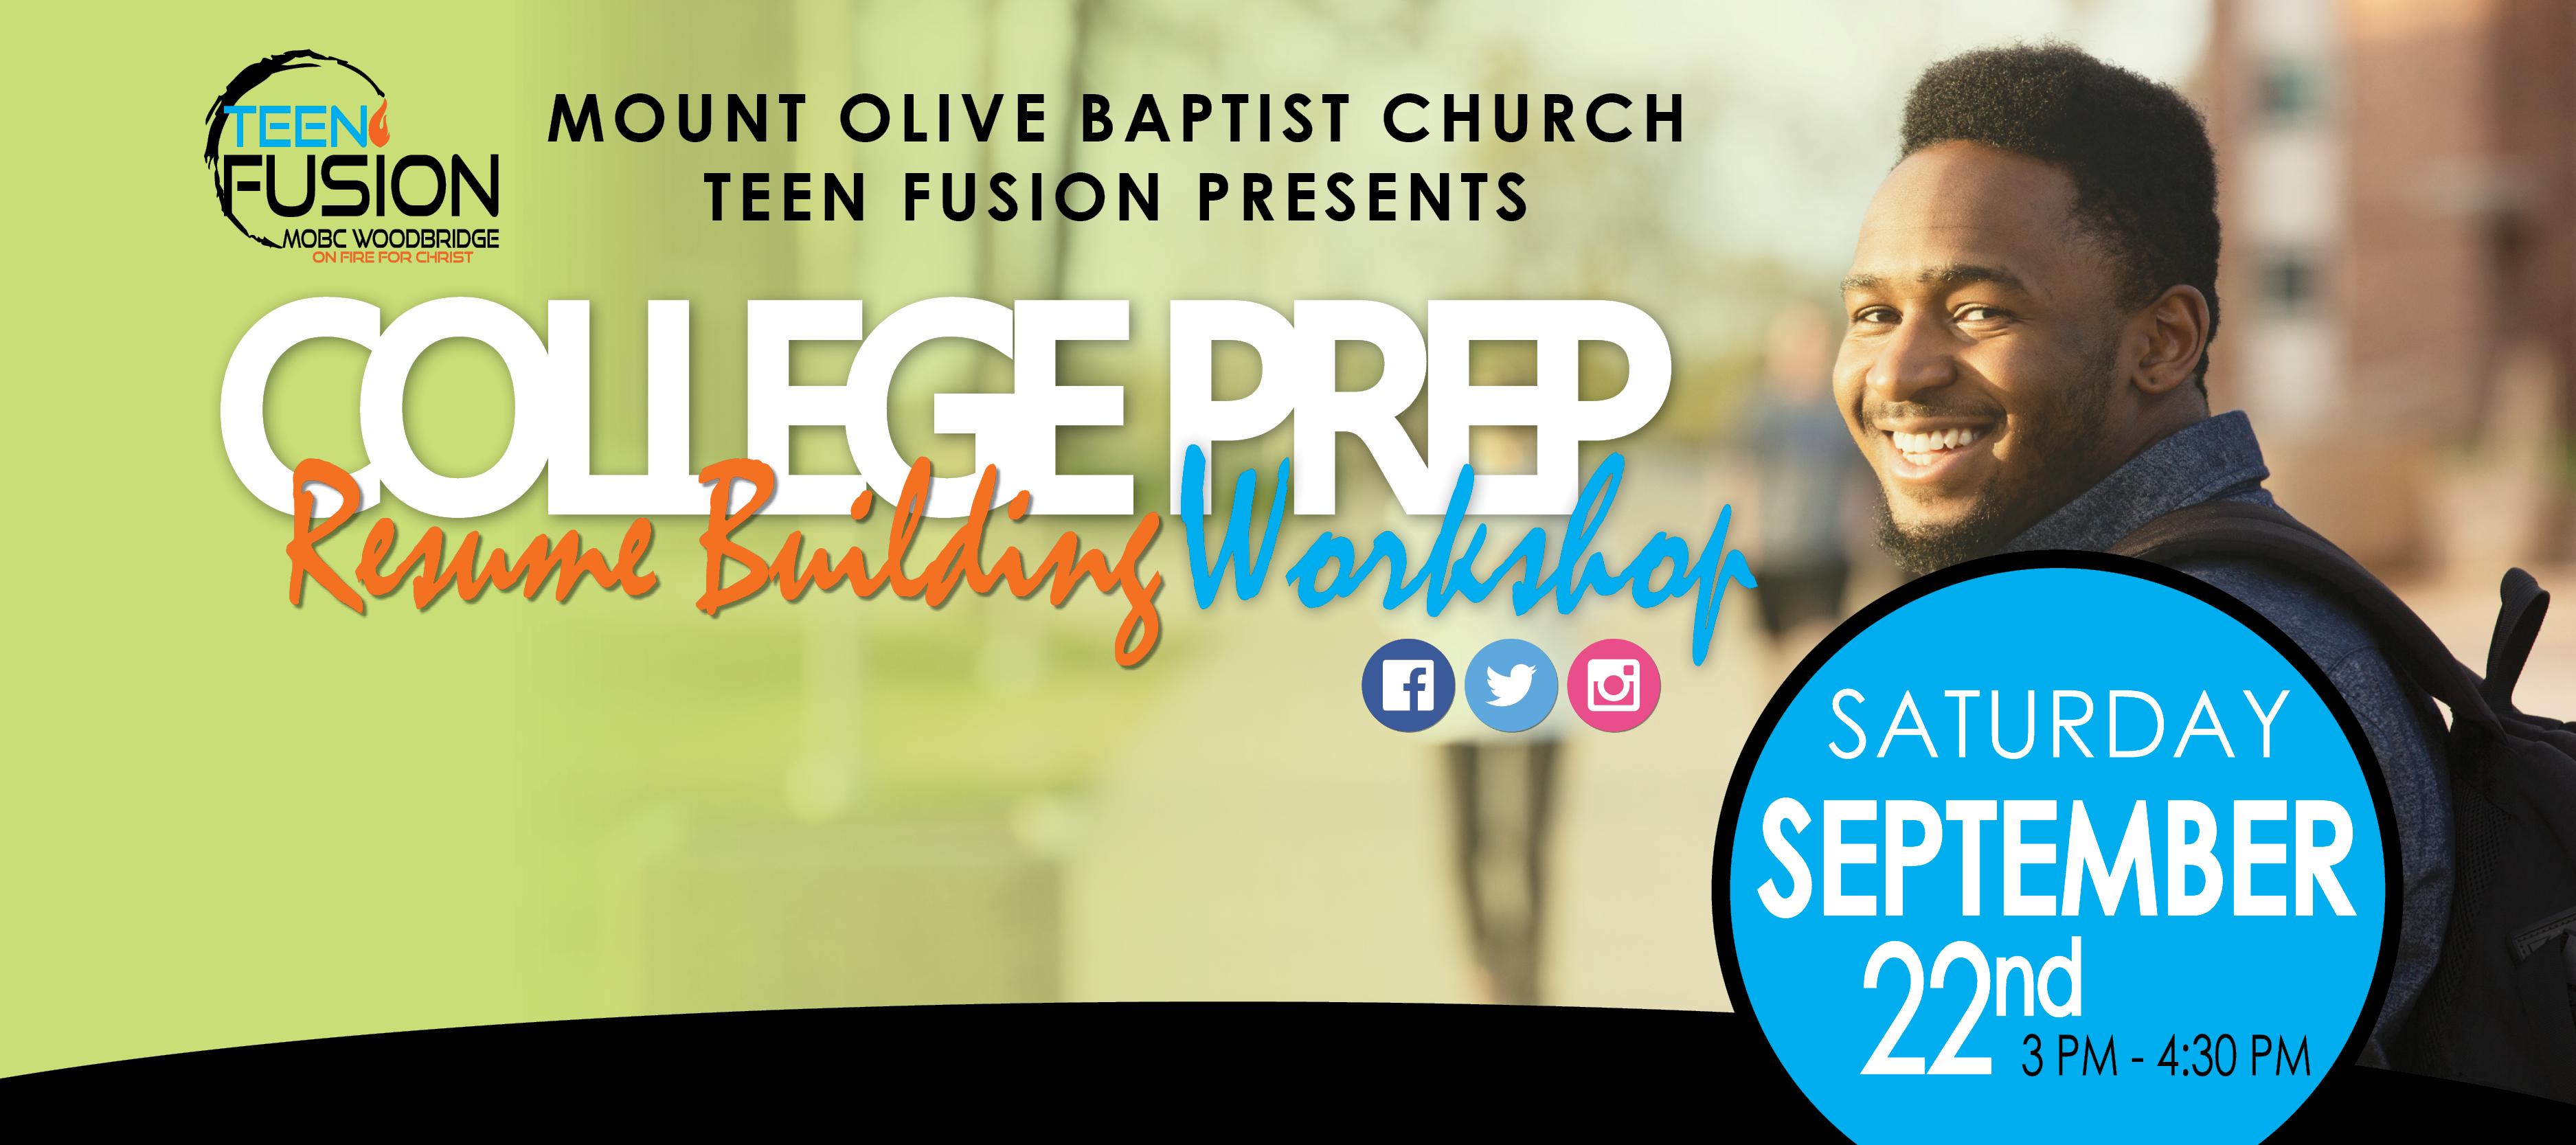 2018 Resume Building Workshop Mount Olive Baptist Church